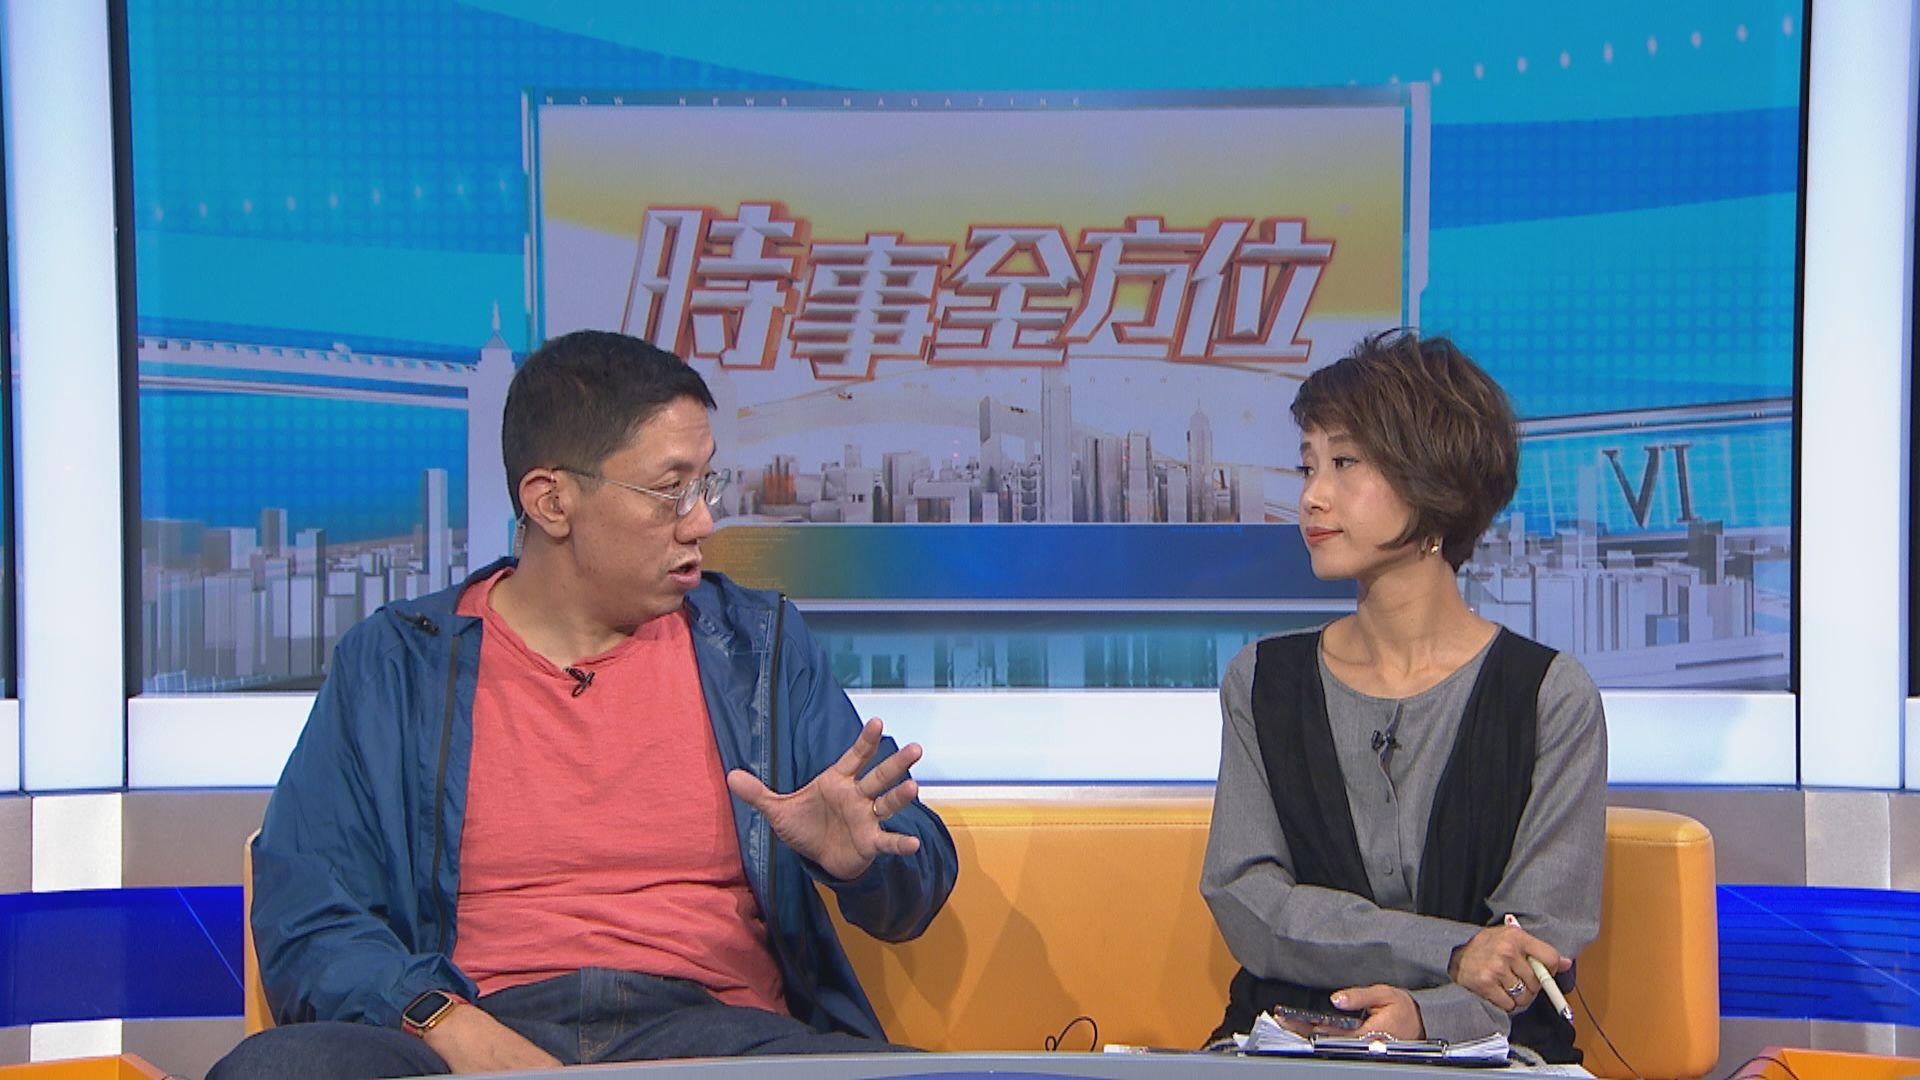 【MAX觀點】林鄭上京反映兩方聲音牽政治漩渦?